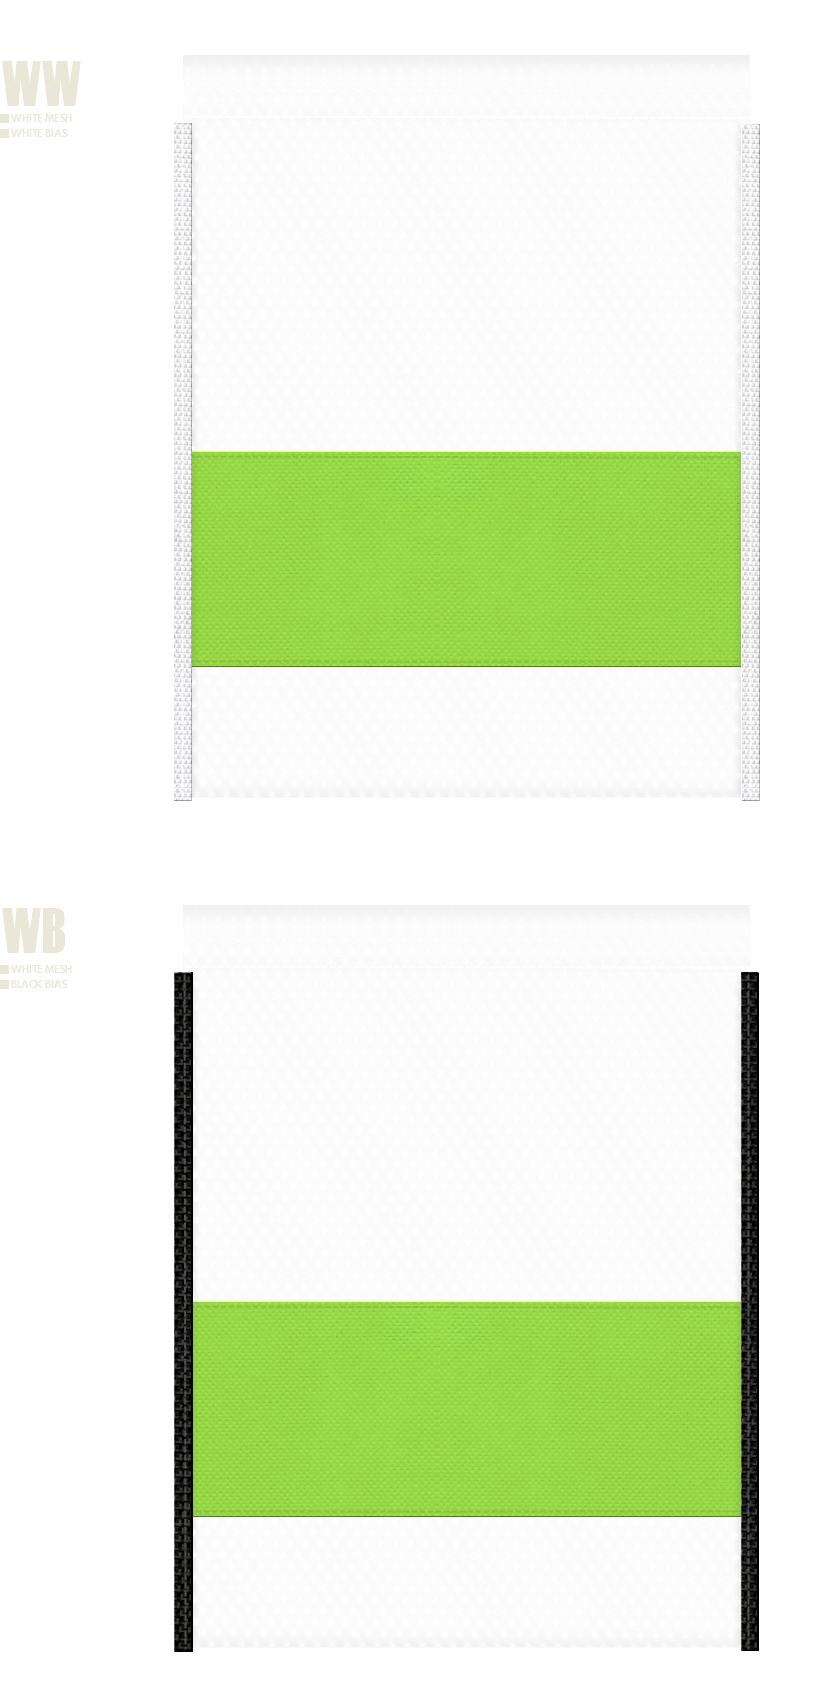 白色メッシュと黄緑色不織布のメッシュバッグカラーシミュレーション:キャンプ用品・アウトドア用品・スポーツ用品・シューズバッグ・観葉植物・お茶の販促ノベルティにお奨め